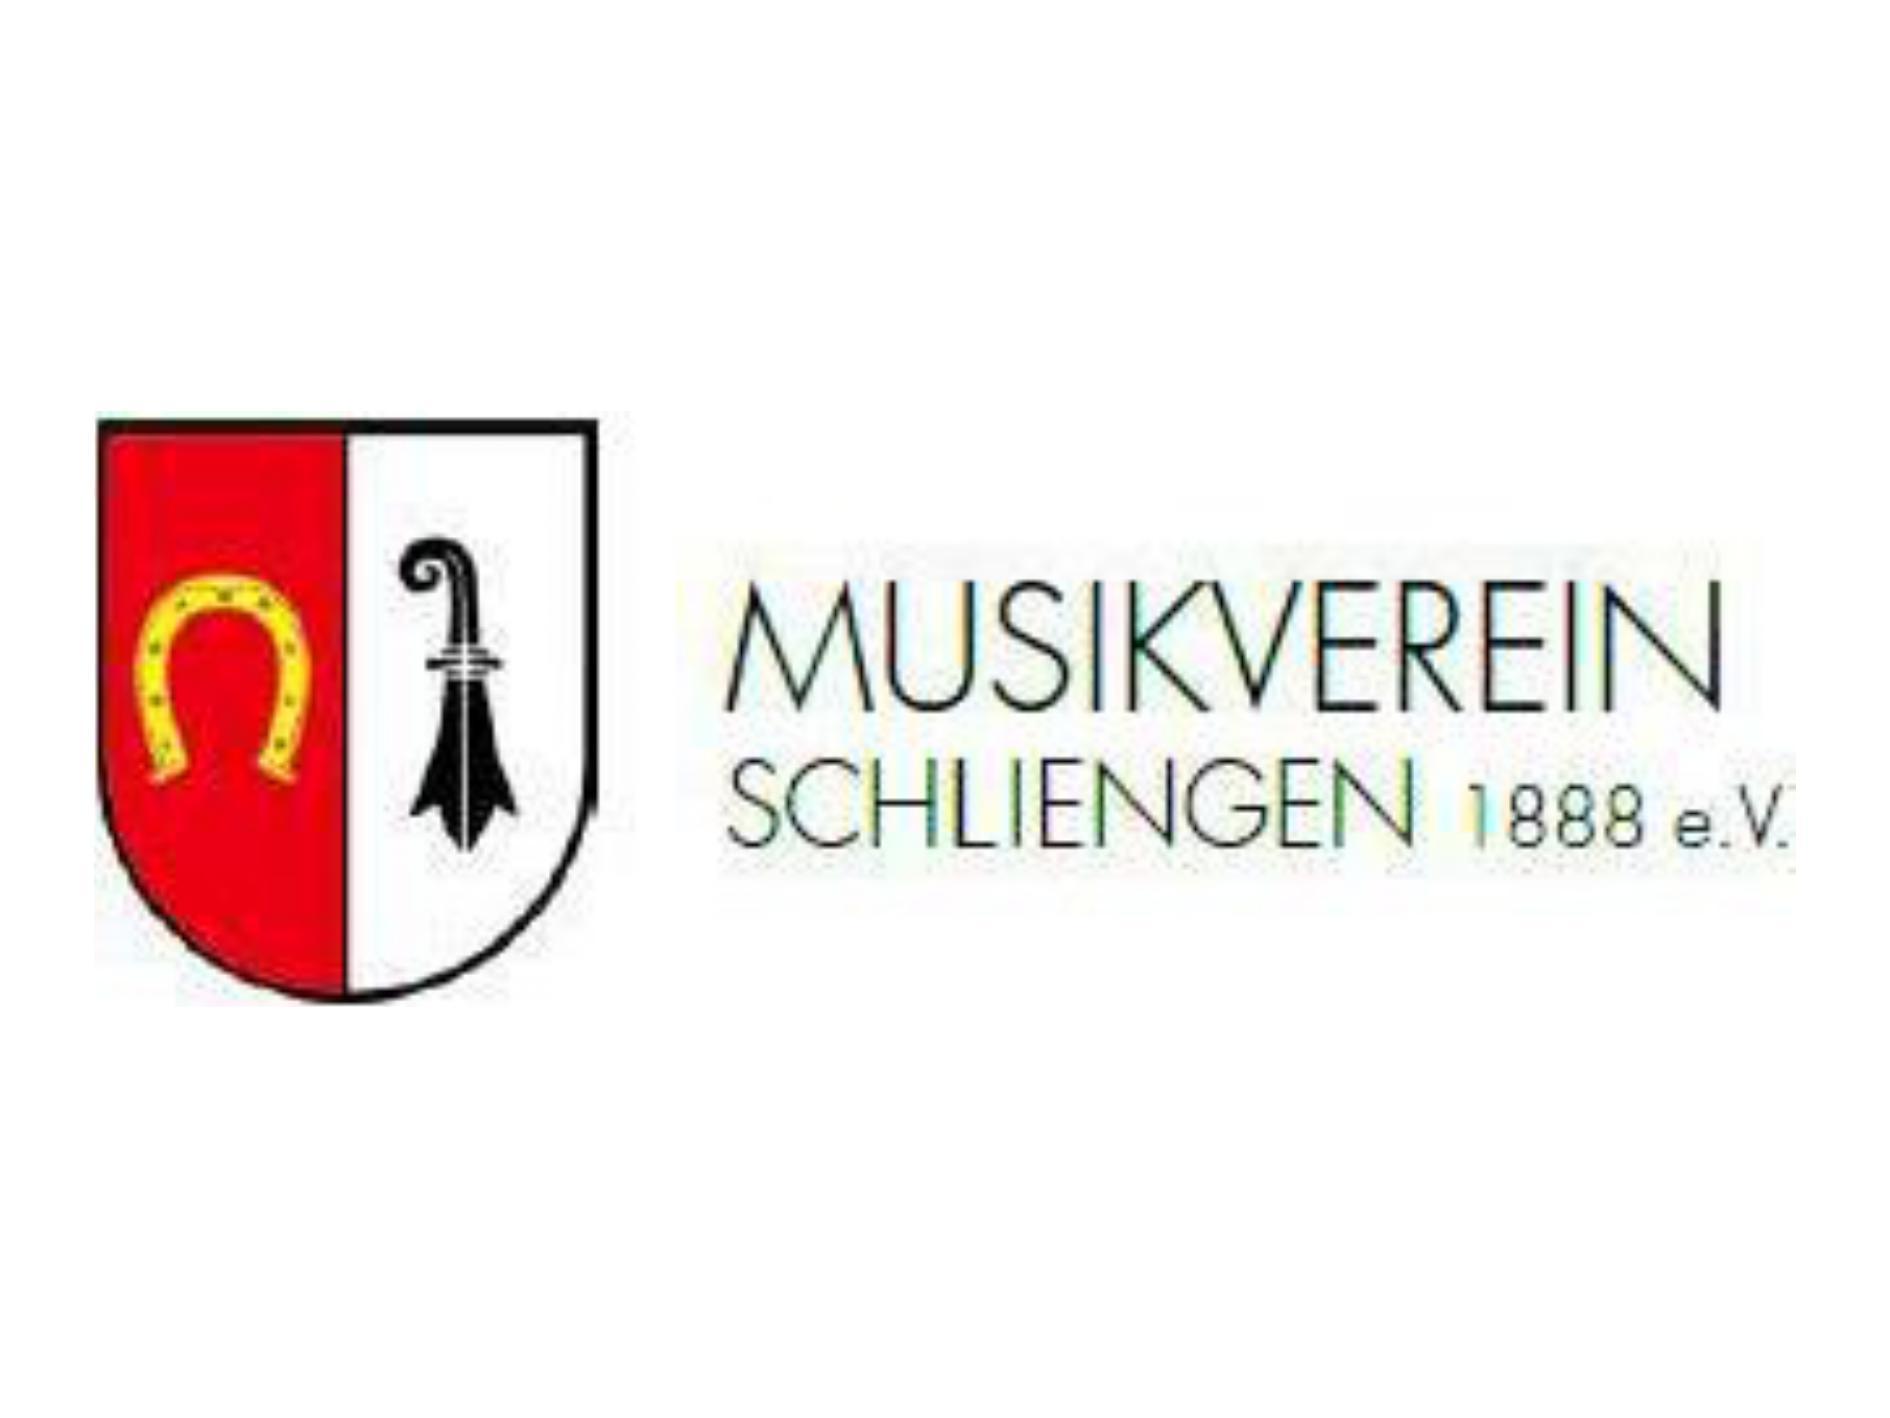 Musikverein Schliengen 1888